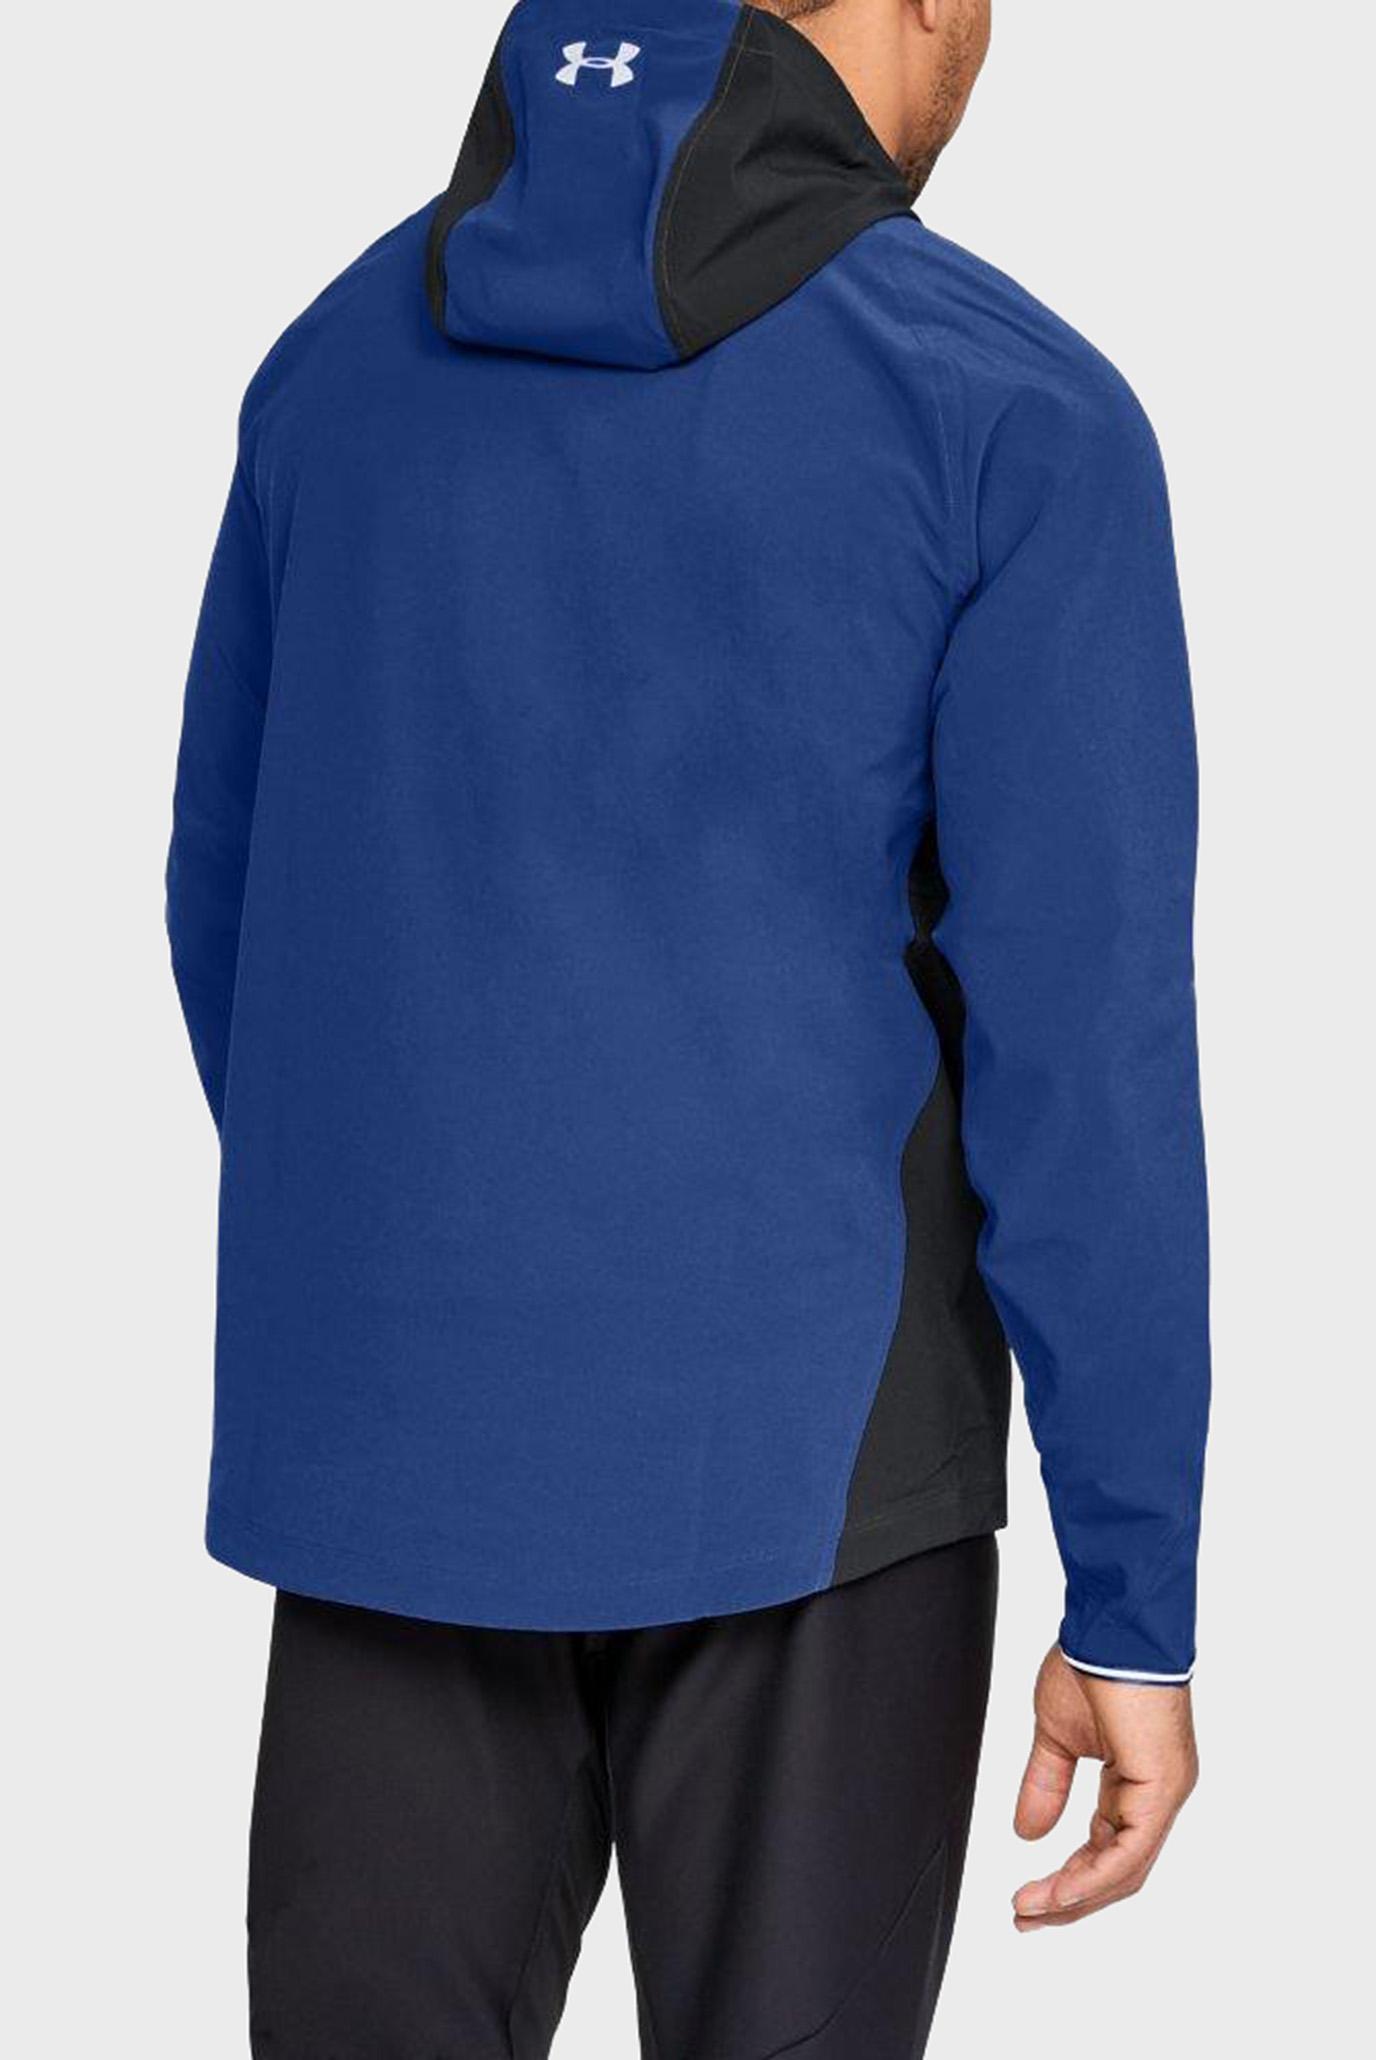 Купить Мужская синяя куртка OUTRUN THE STORM JACKET Under Armour Under Armour 1304579-574 – Киев, Украина. Цены в интернет магазине MD Fashion